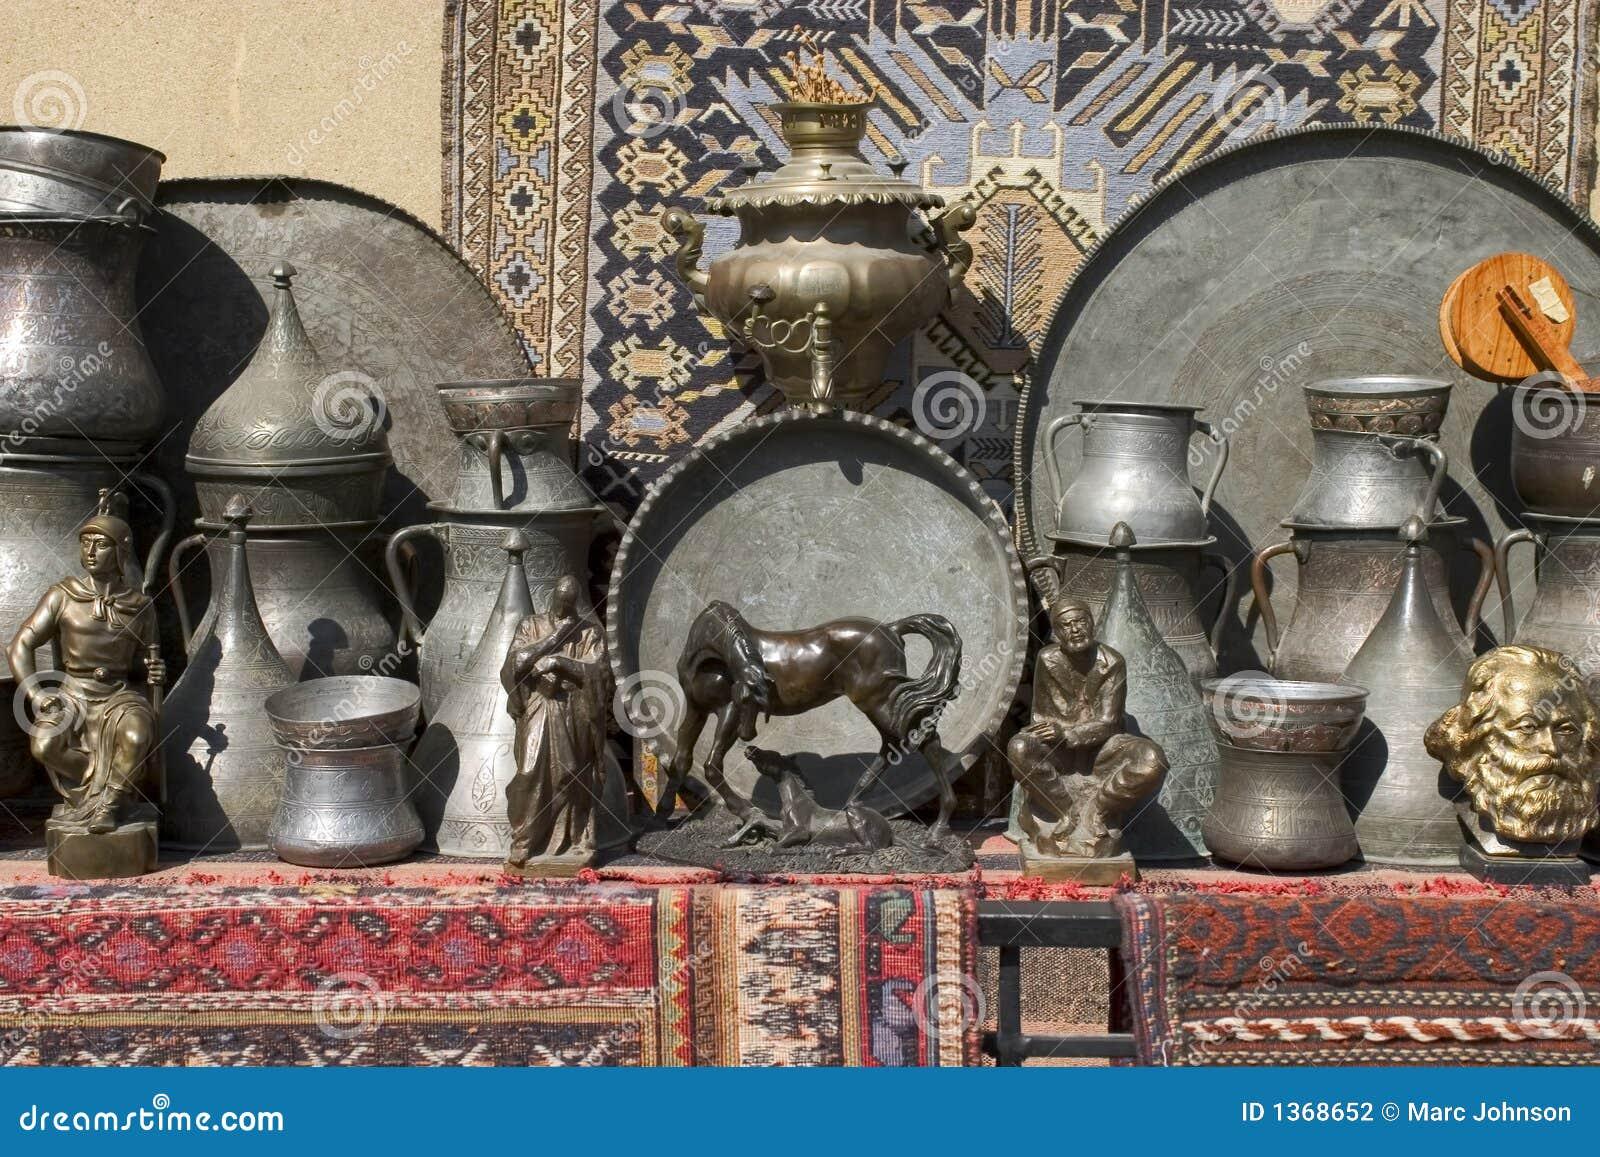 Rugs & Statues II